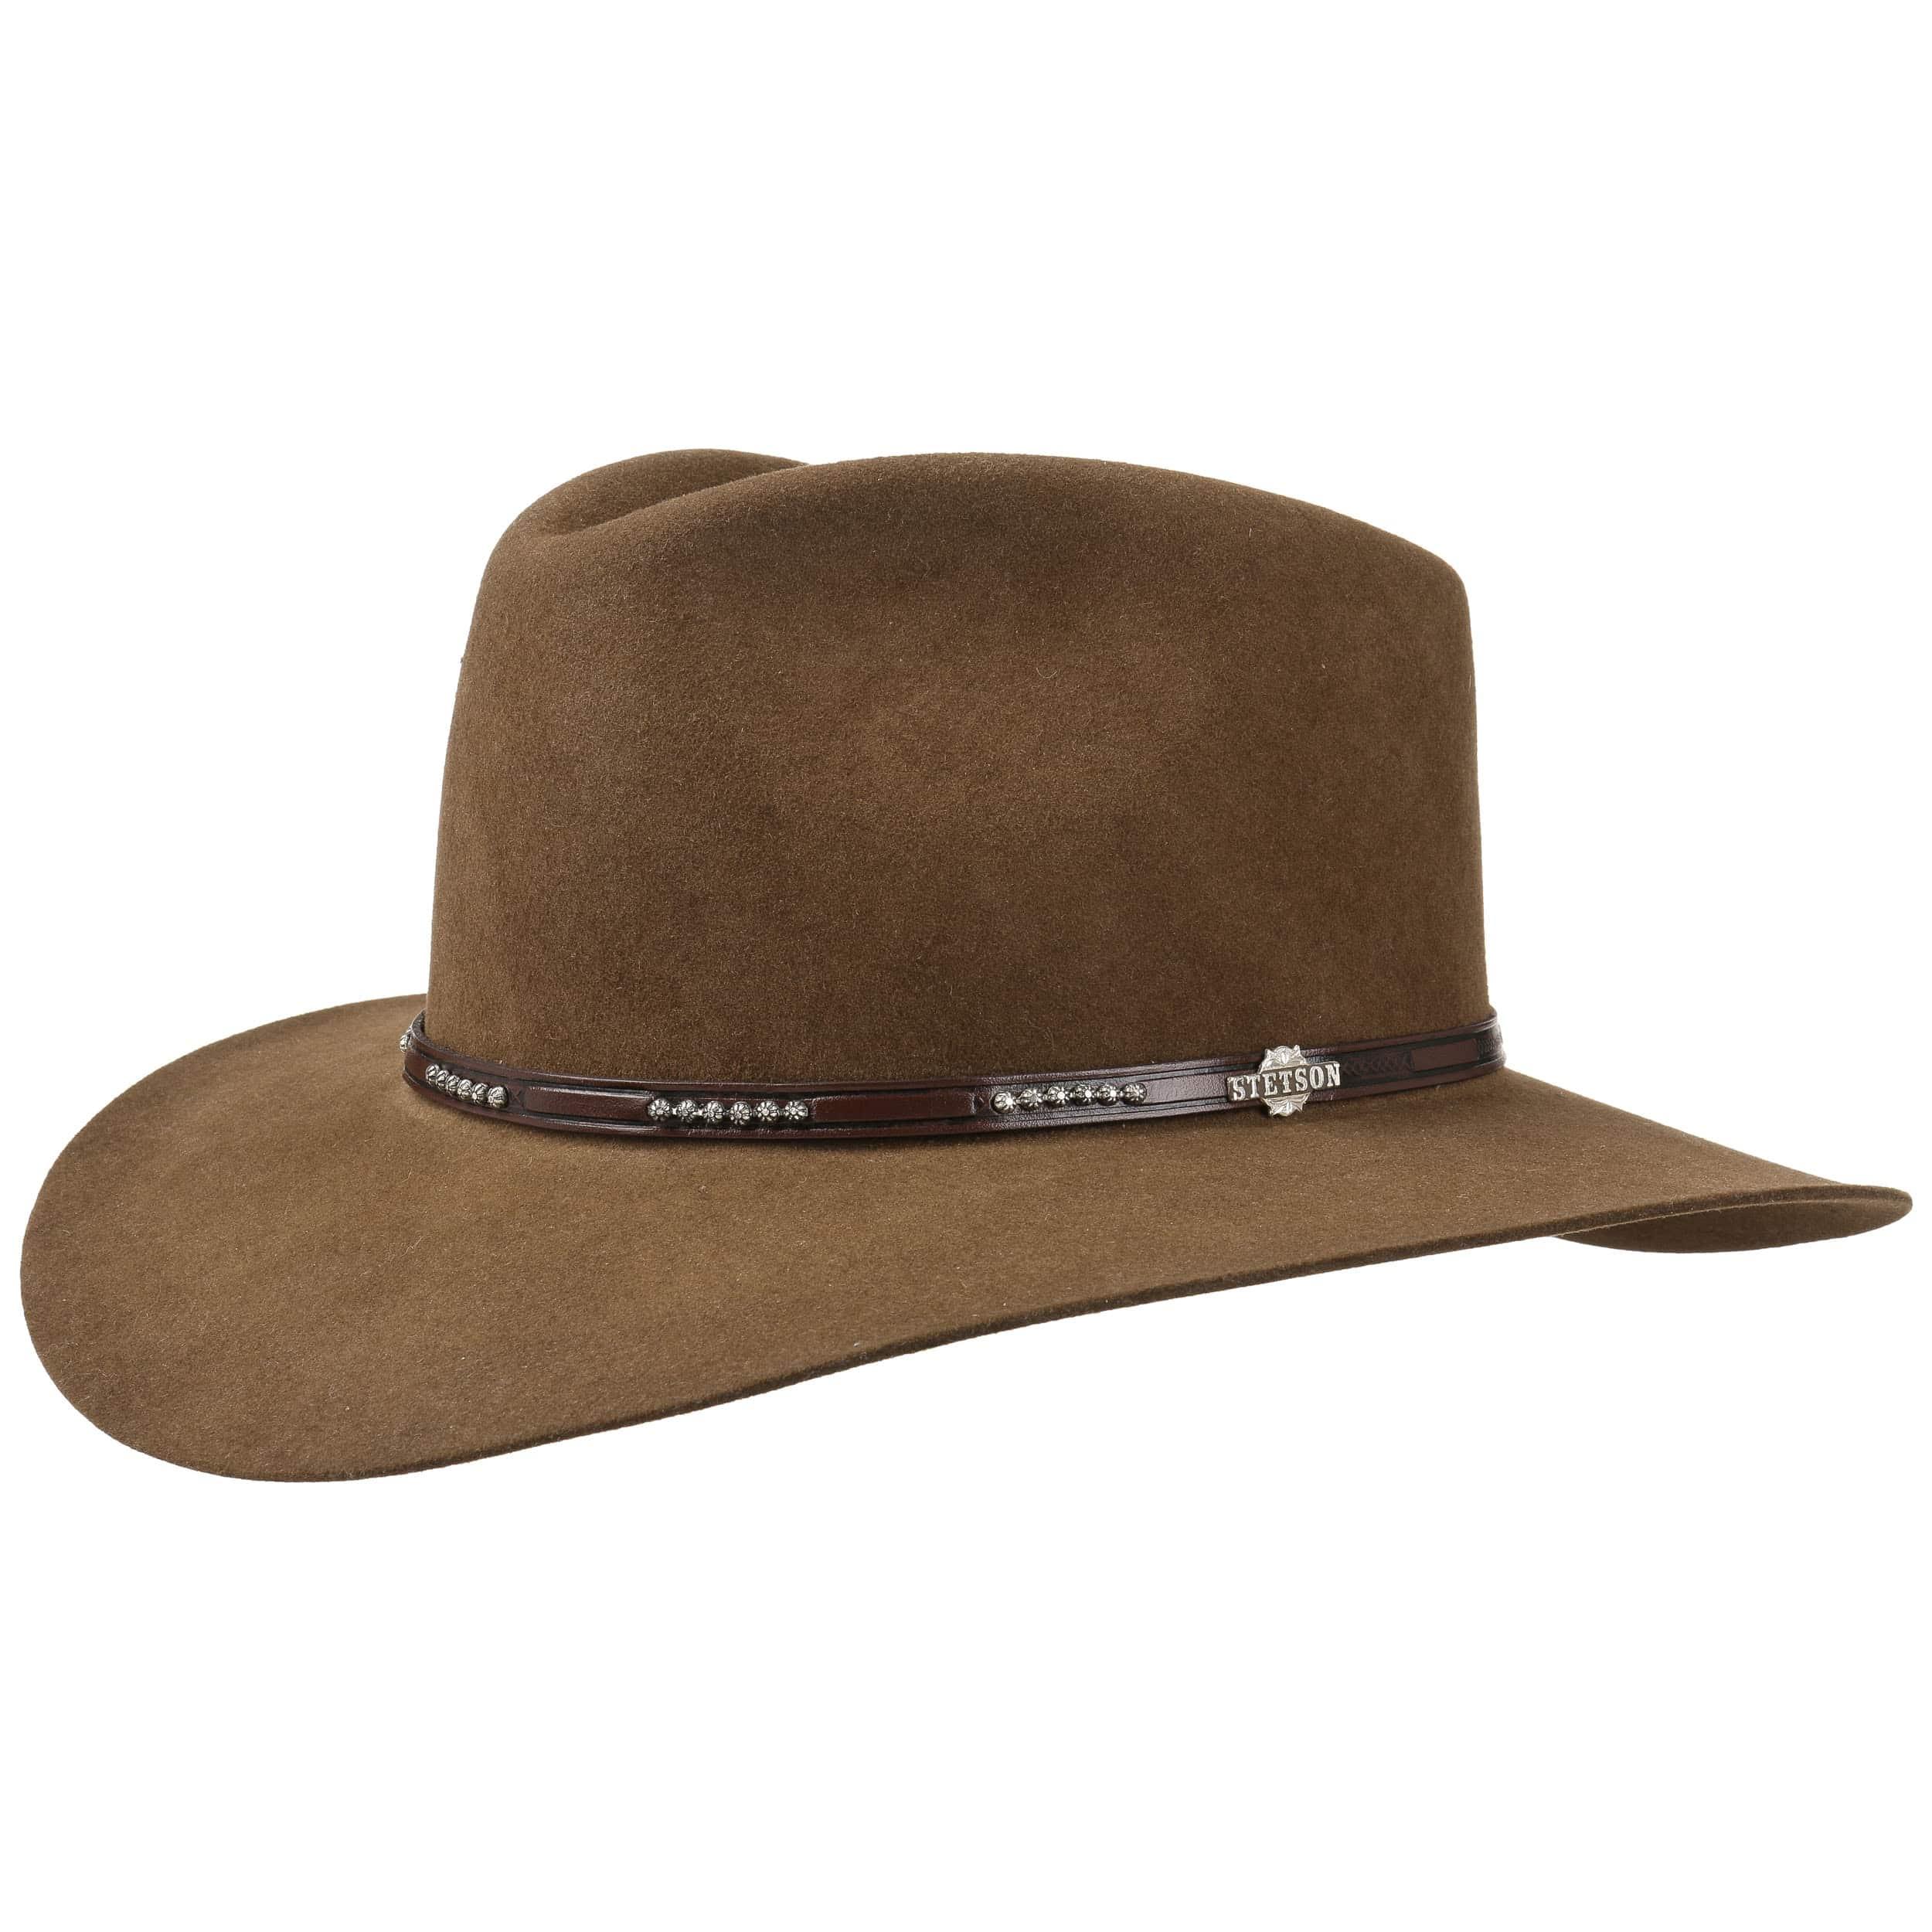 es Stetson Vaquero Sombreros 4x Sombrero Sombreroshop By De Llano OFW8p ac14b0cc3ea